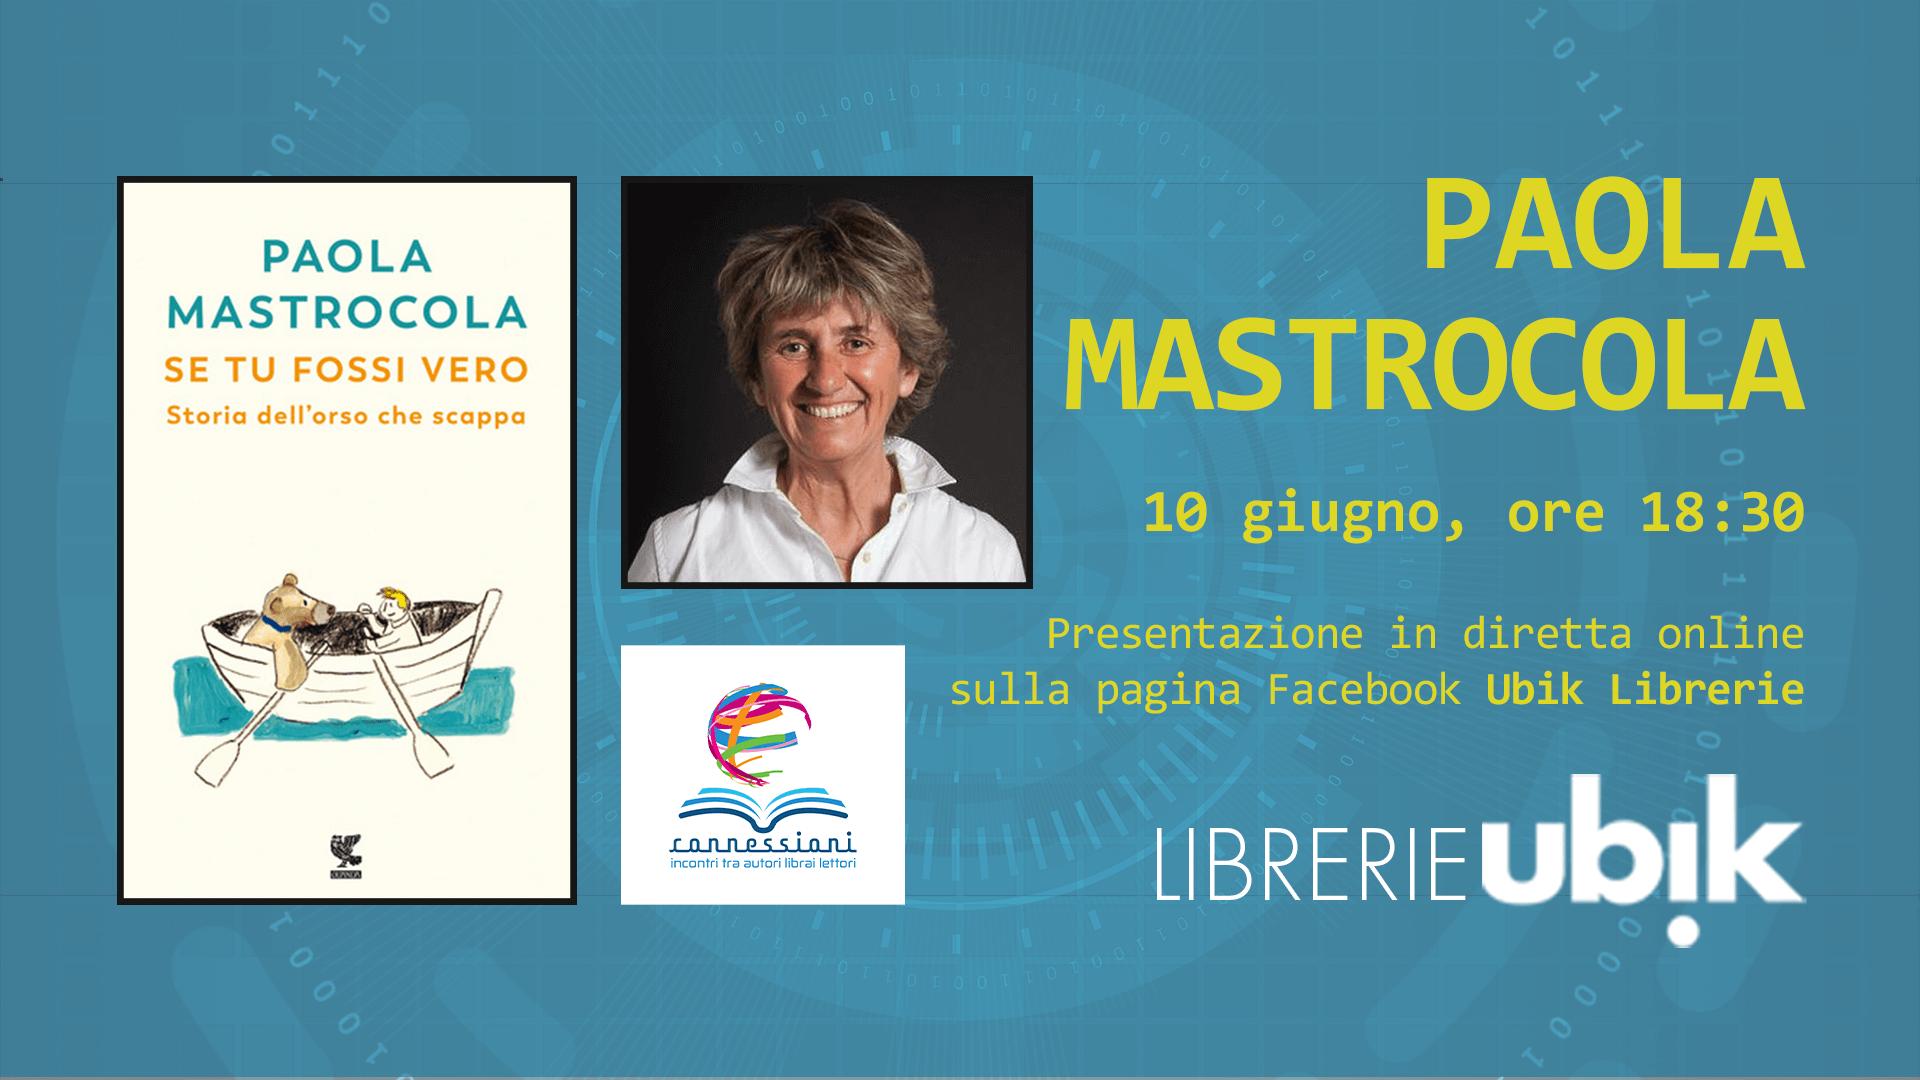 PAOLA MASTROCOLA presenta